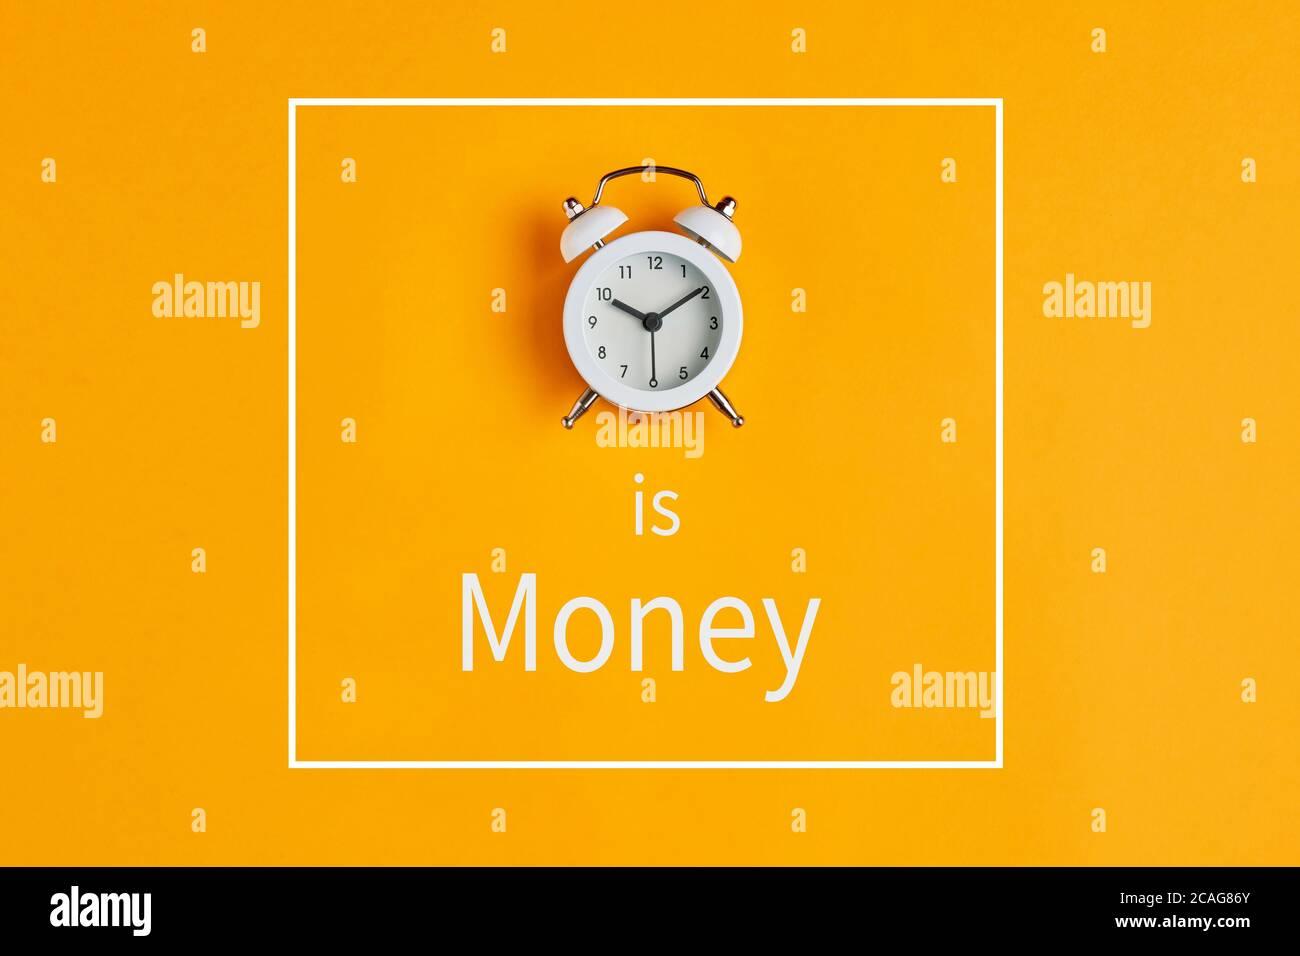 Zeit ist Geld Konzept mit Wecker und Text auf gelbem Hintergrund geschrieben. Wertvolle Ressource für das Ergebnis im Geschäft. Stockfoto